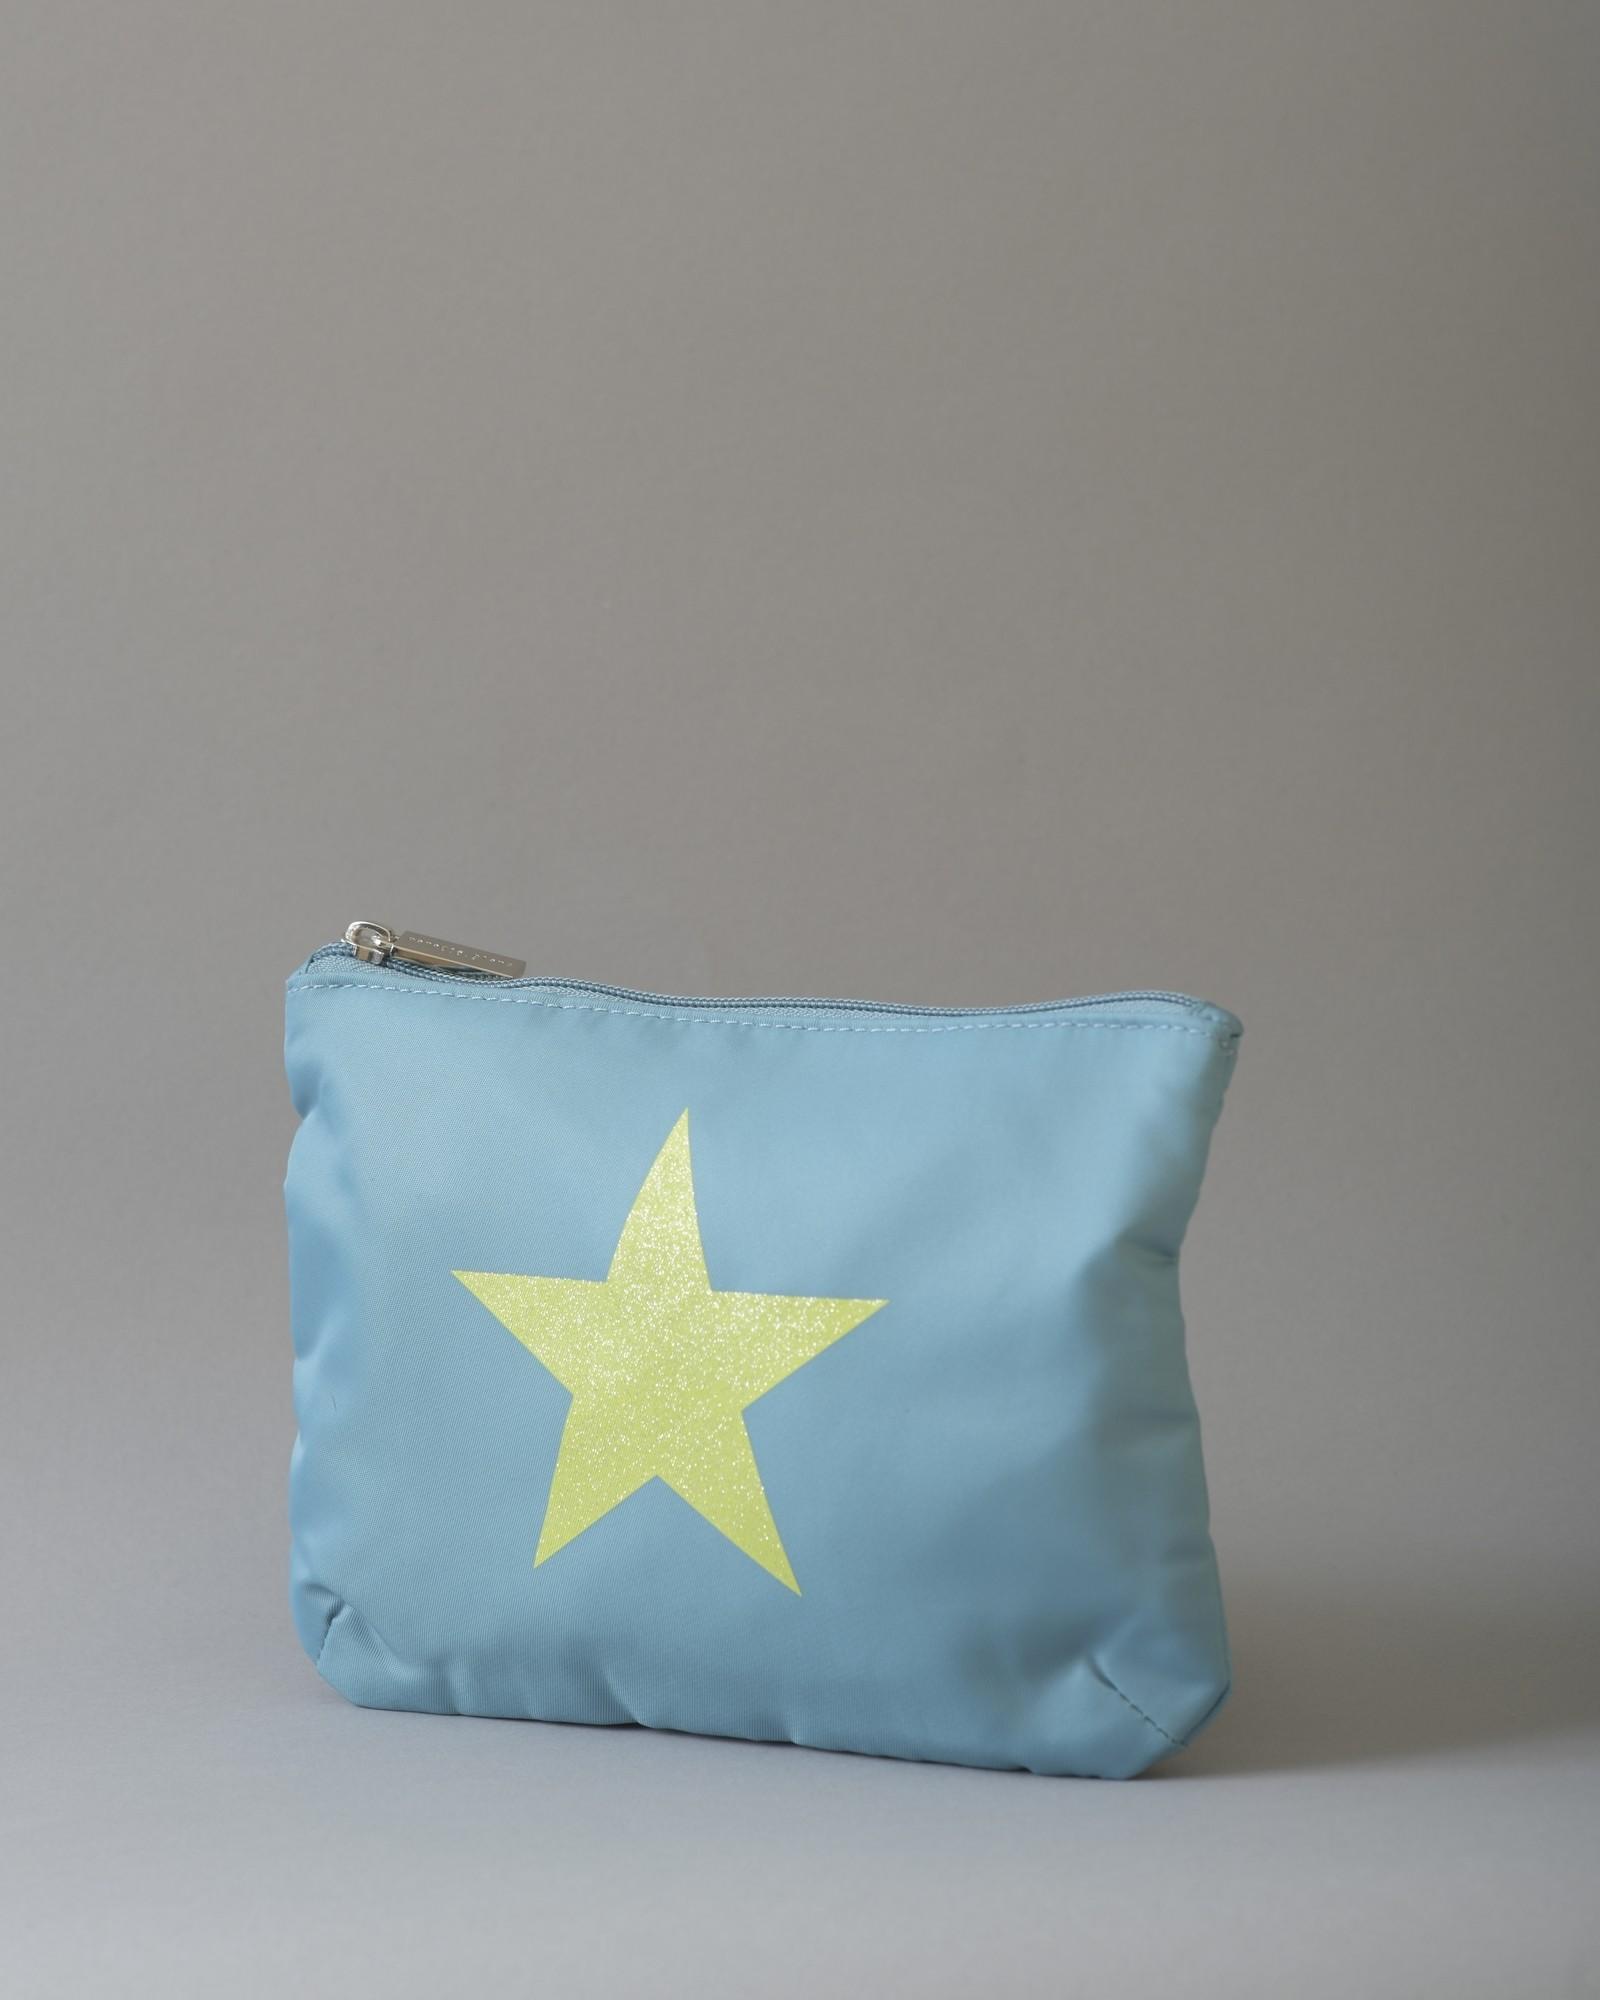 Pochette en tissu à imprimé étoile Paradis Blanc